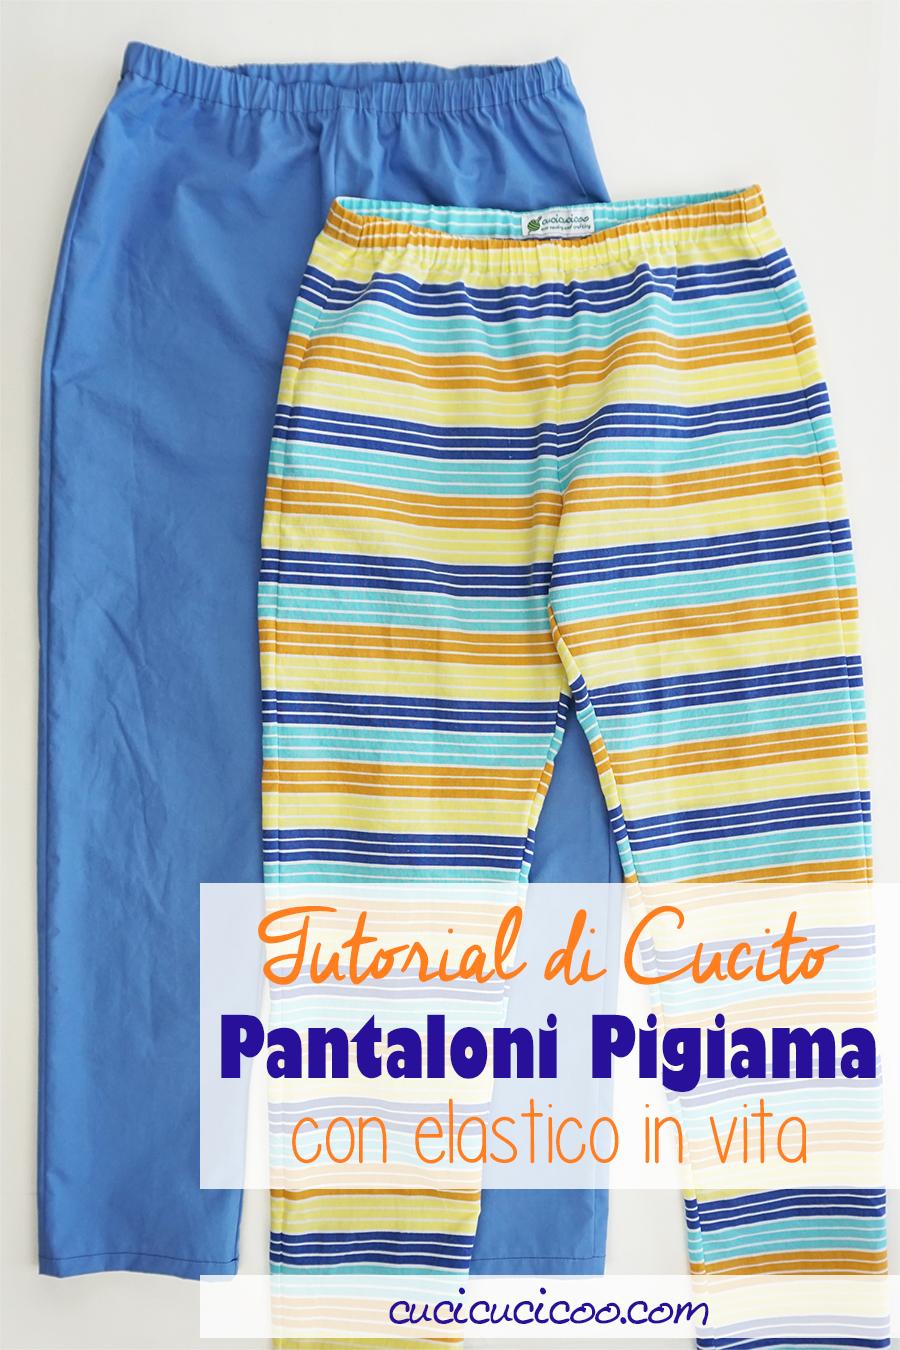 Impara come cucire pantaloni con elastico in vita con questo tutorial dettagliato! I pantaloni di pigiama sono semplice da cucire anche per principianti! #cucire #cucito